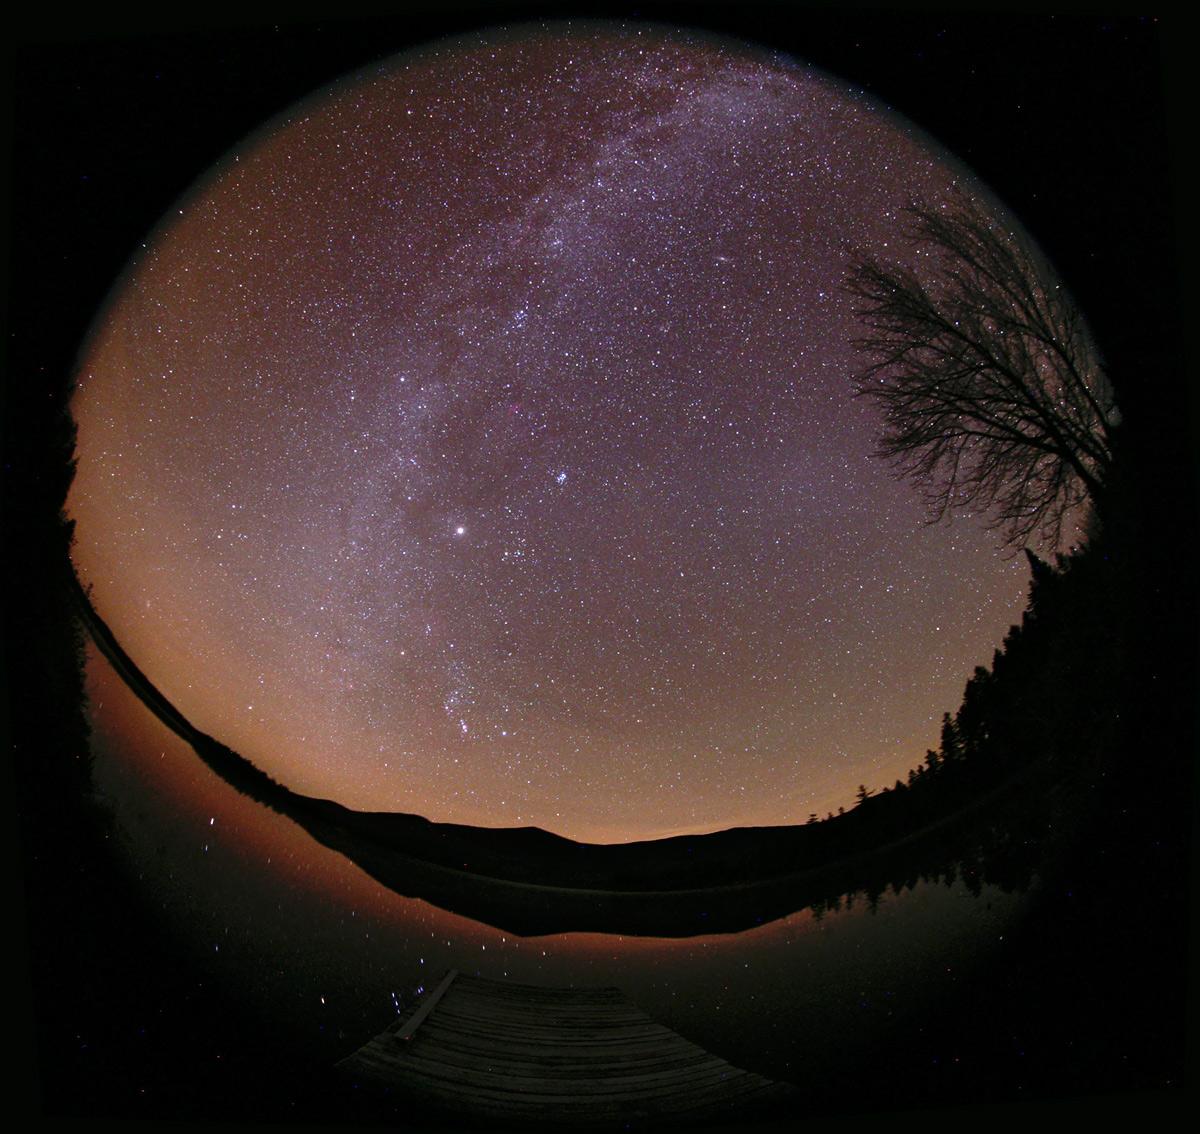 La lumière zodiacale et la Voie lactée